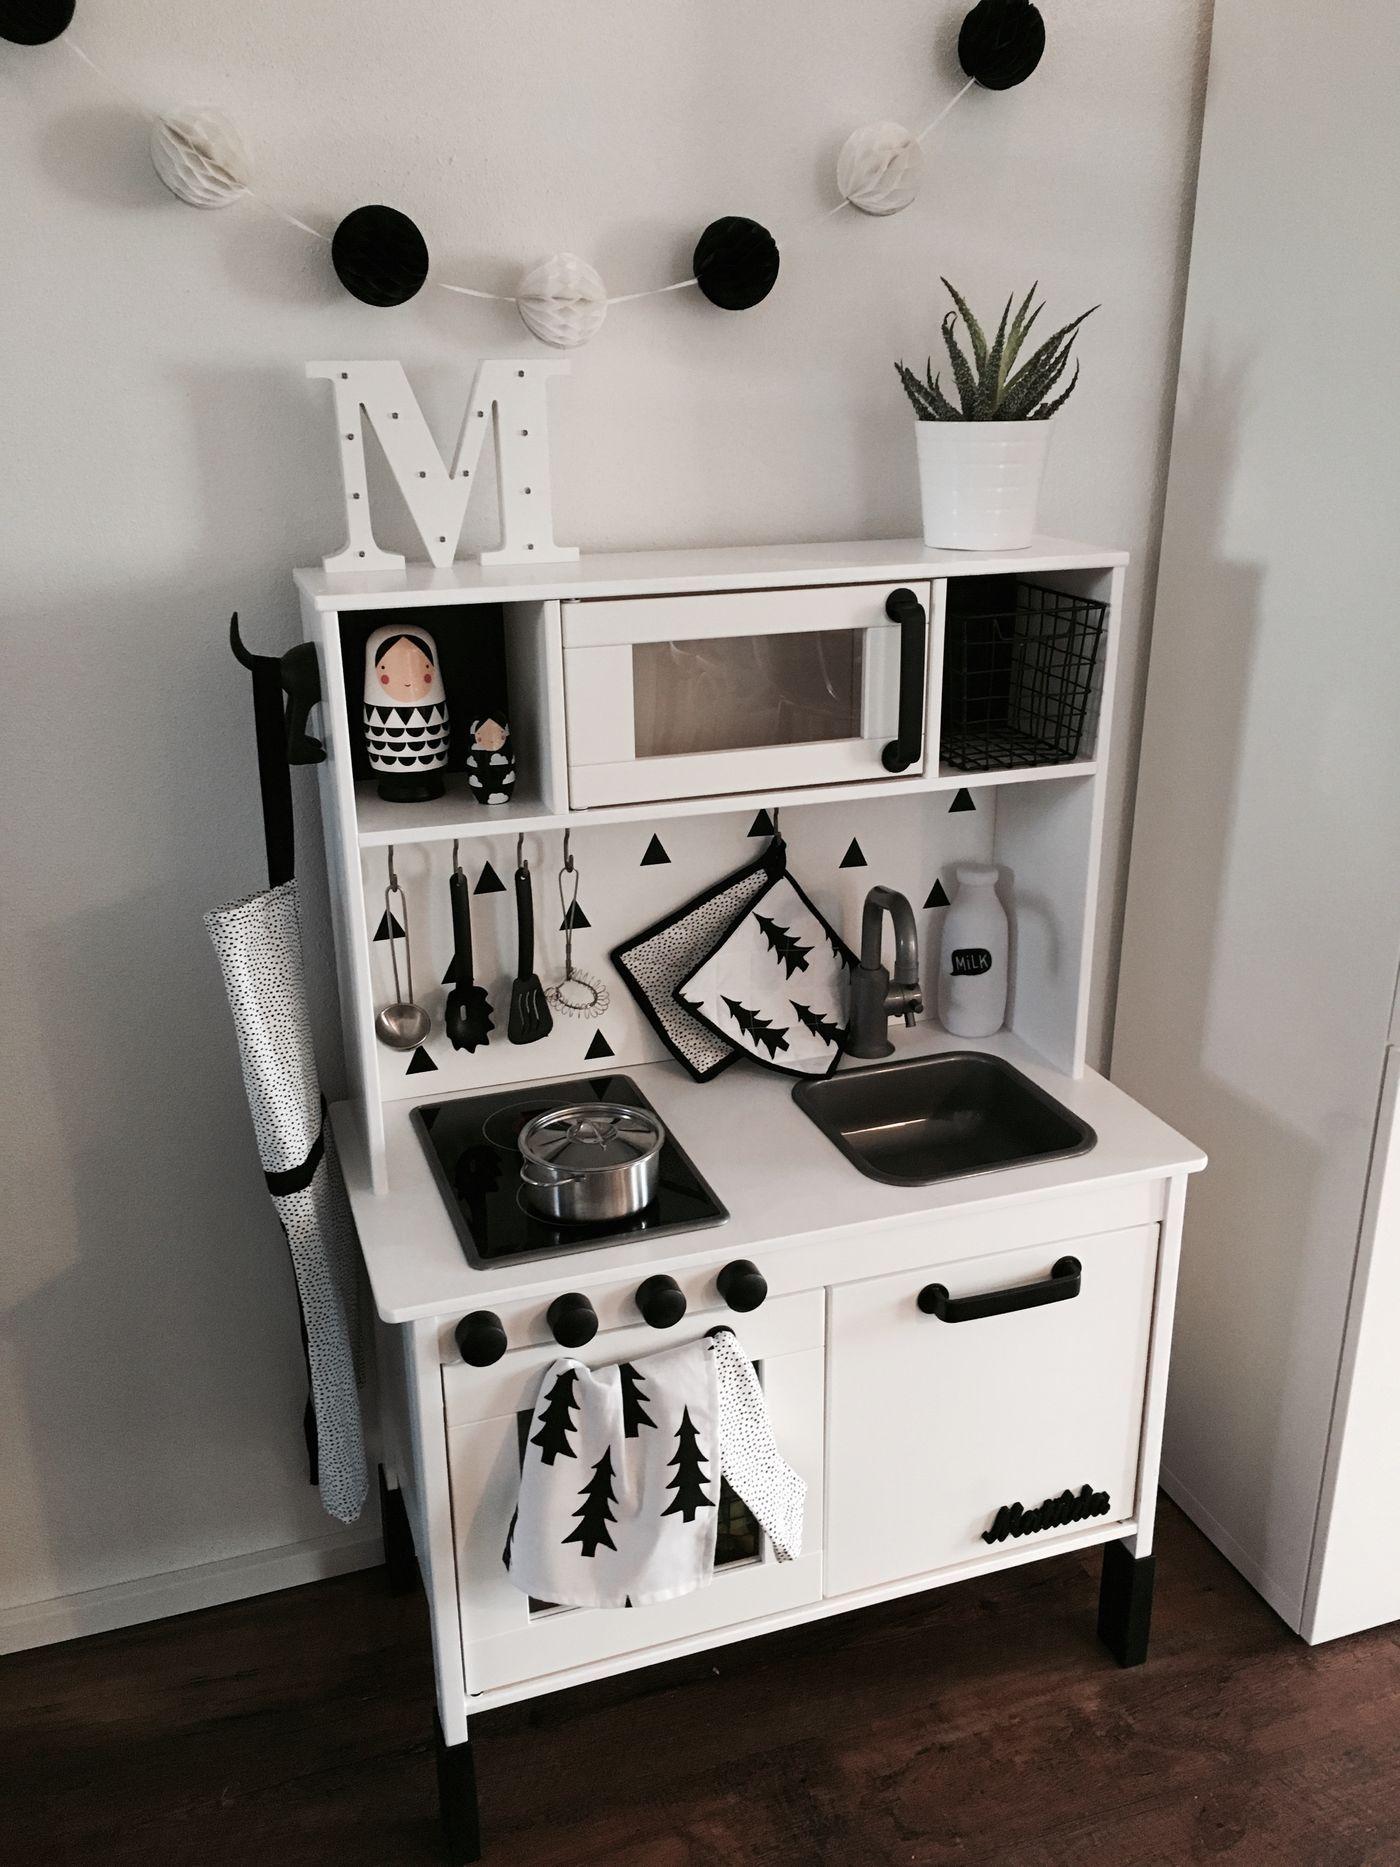 Fein Ikea Küchenmöbelknöpfe Bilder - Küchenschrank Ideen - eastbound ...